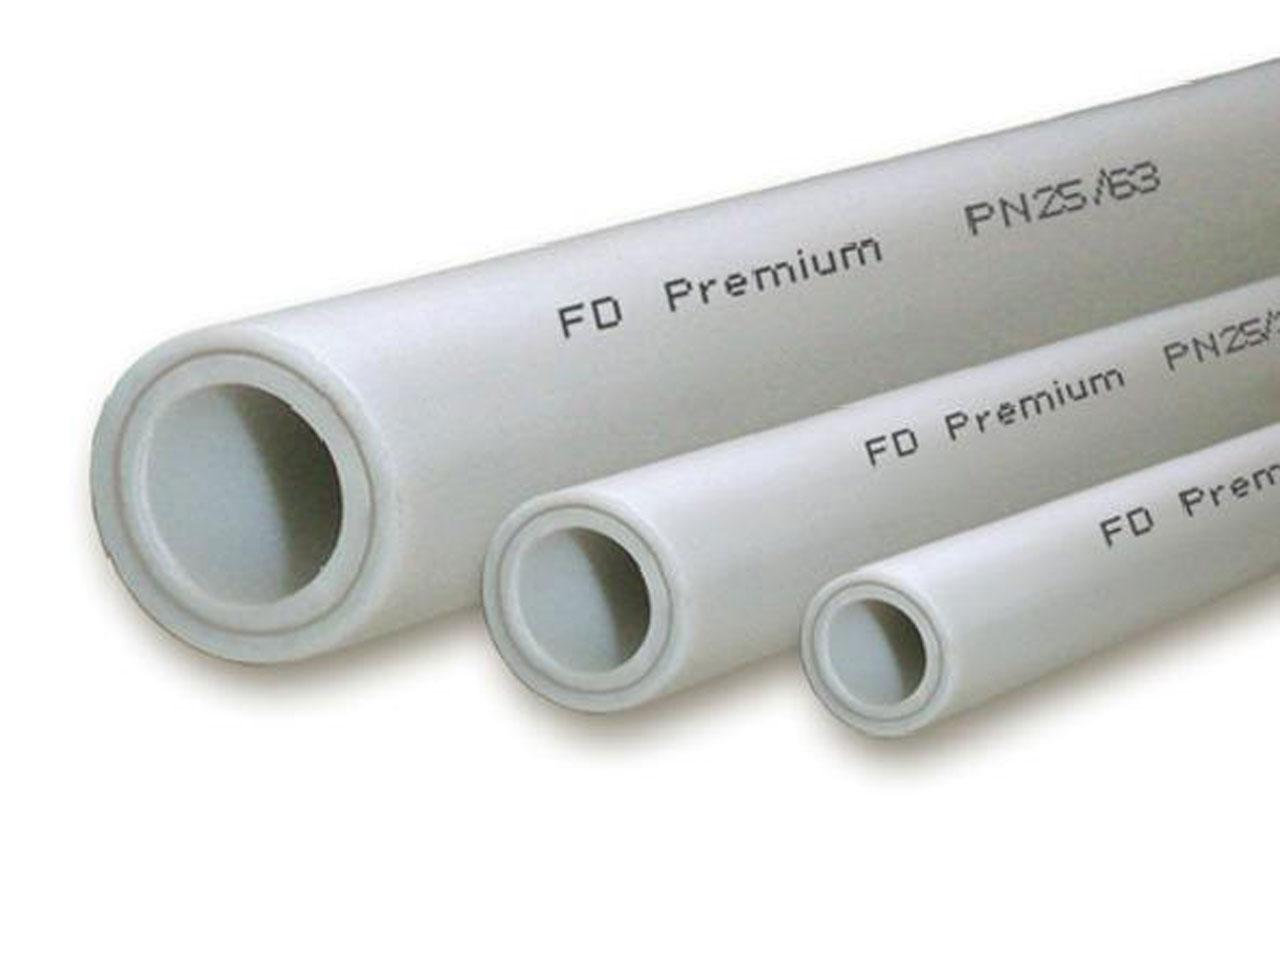 Труба полипропиленовая OPTIMUM армированная стекловолокном, SDR 6, белая, PN20, FDplast арт.2590  20х3,4